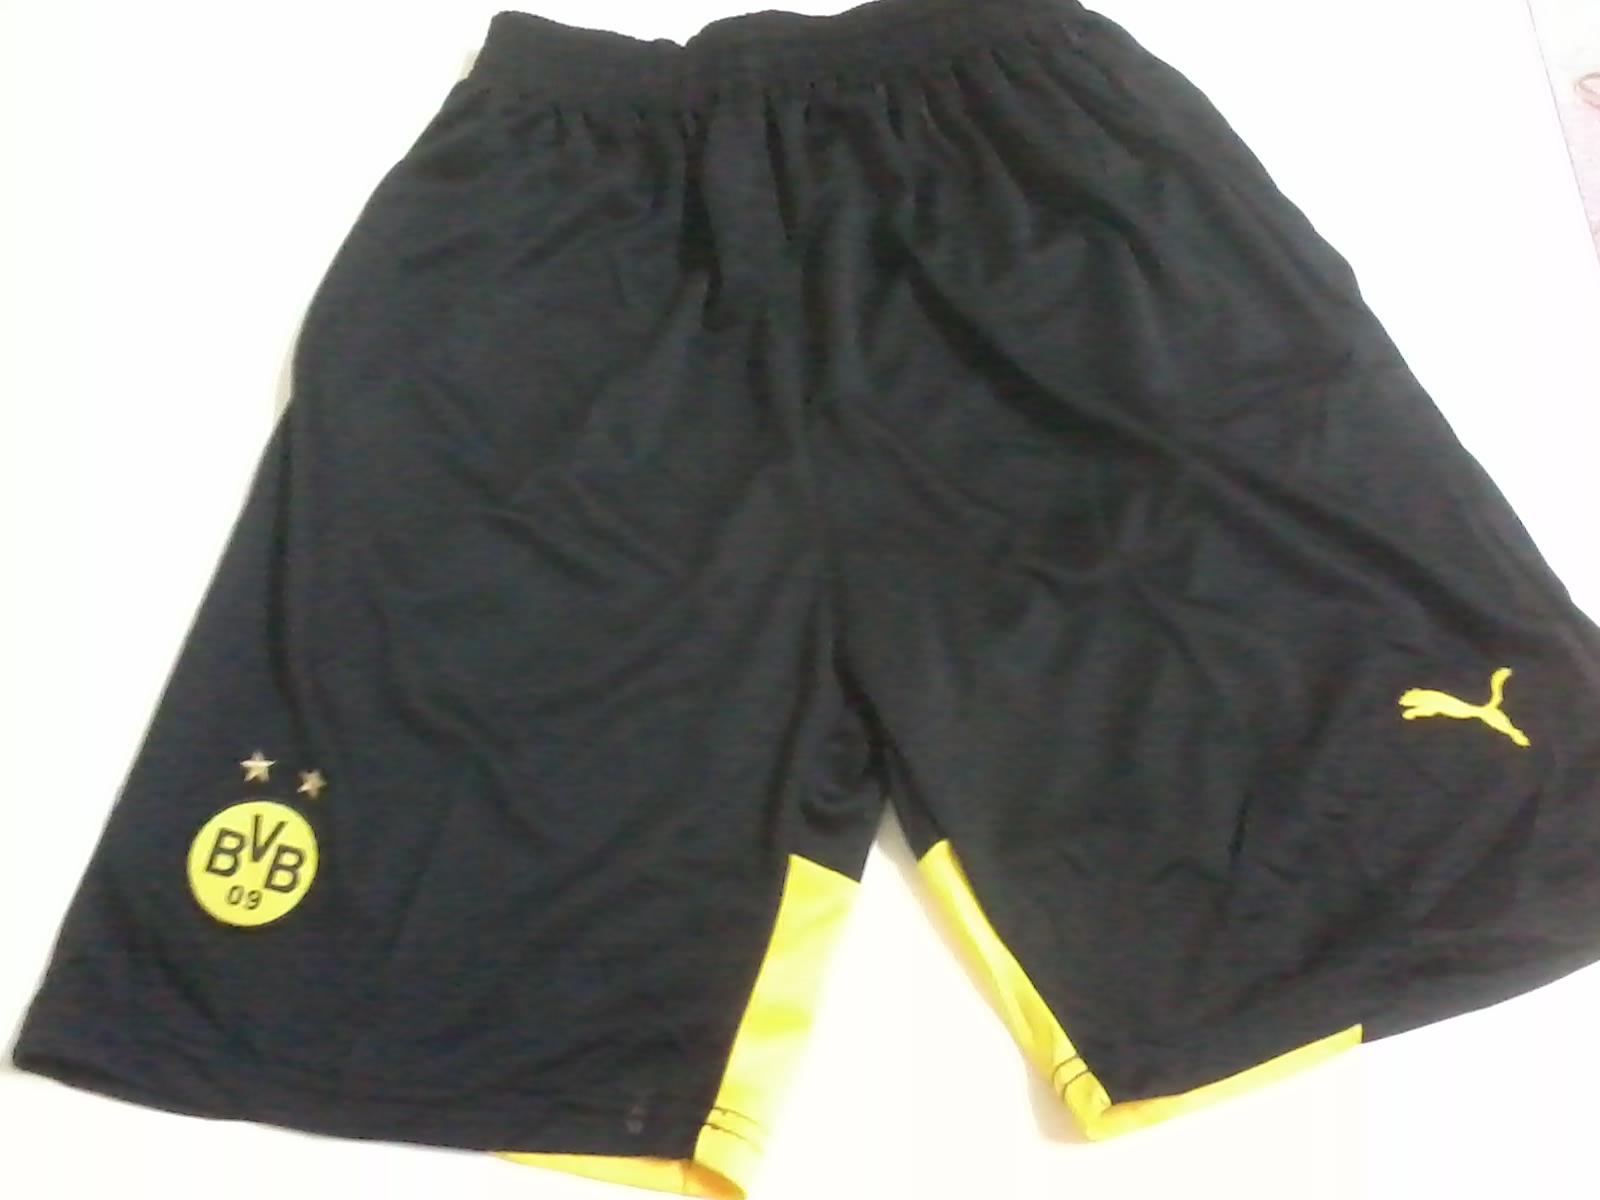 กางเกงขาสั้น ดอทมุน 2015-2016 สีดำ